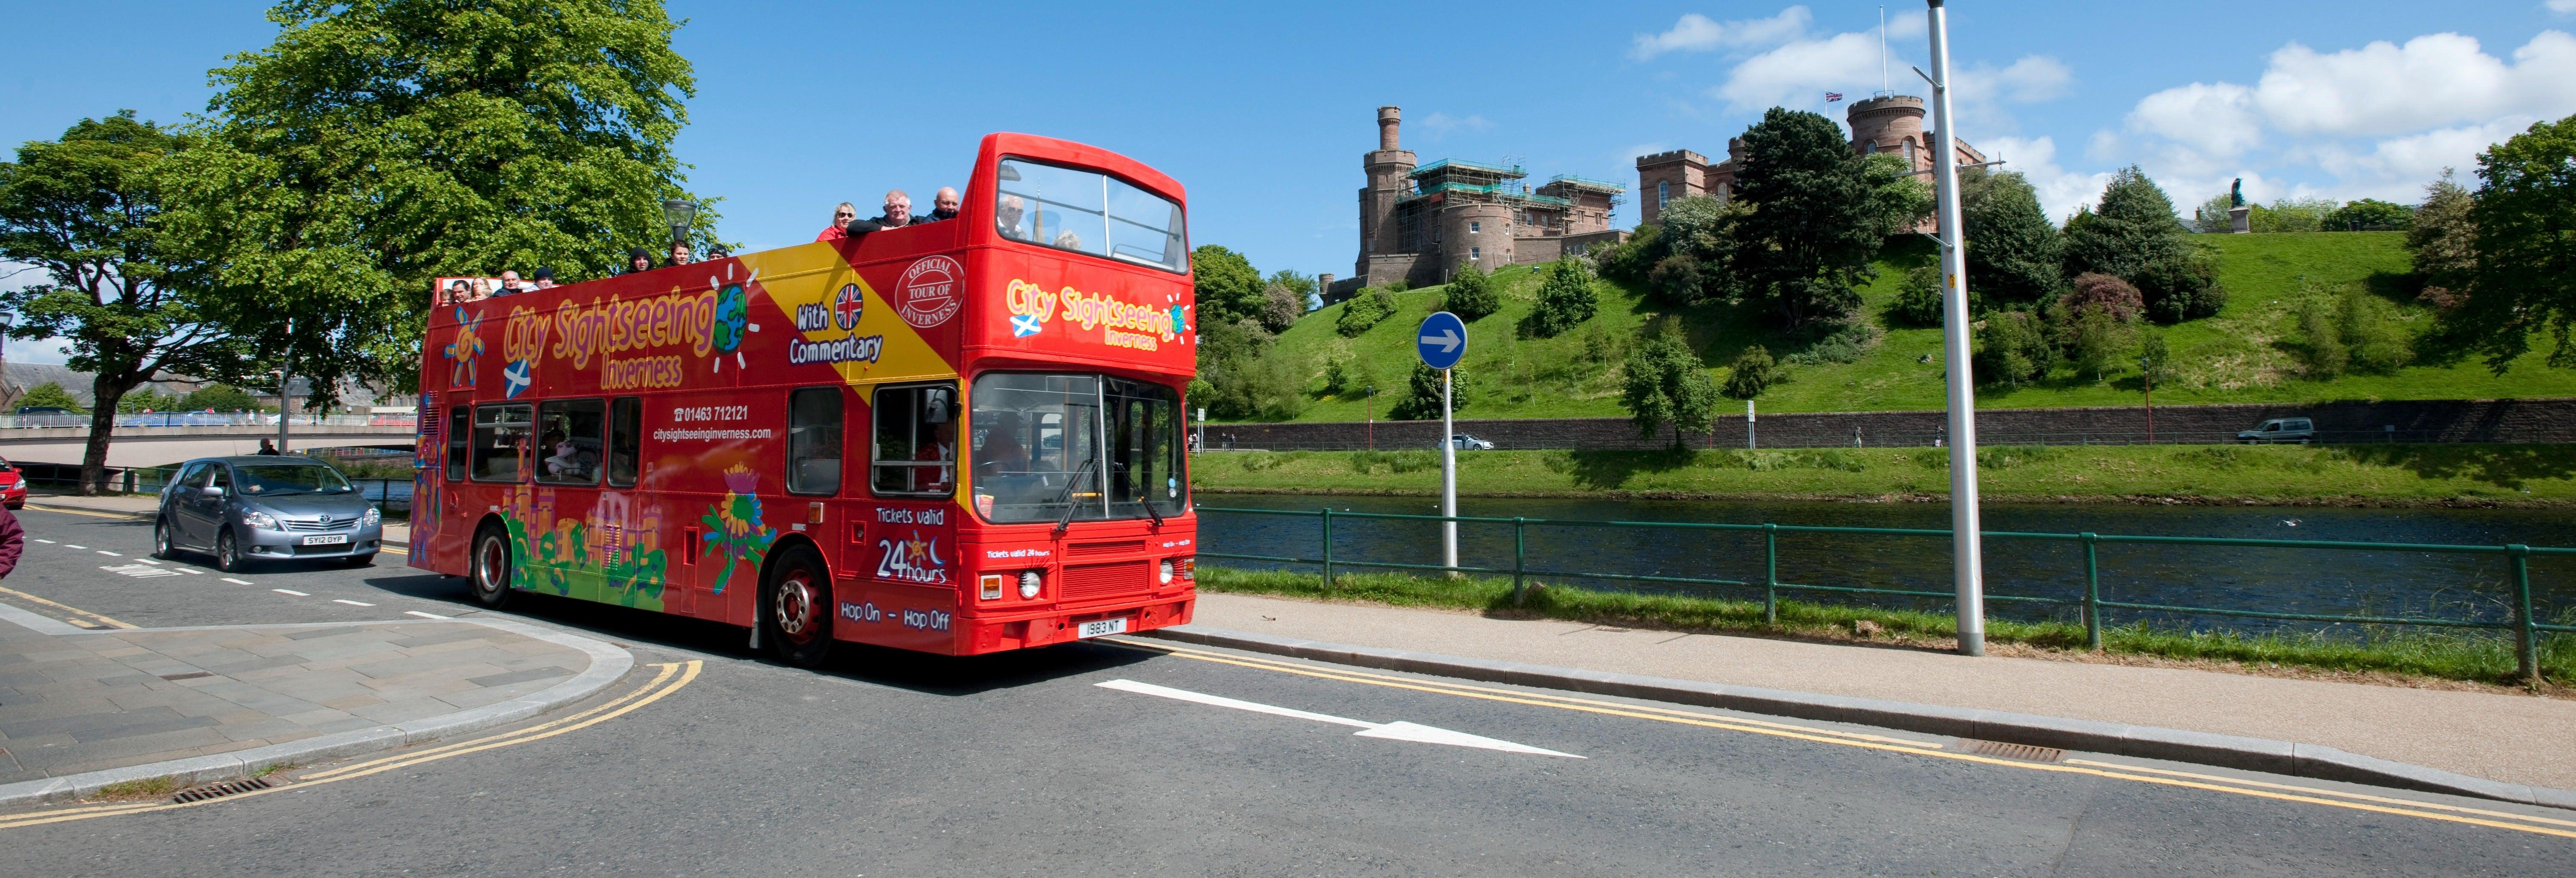 Autobús turístico de Inverness